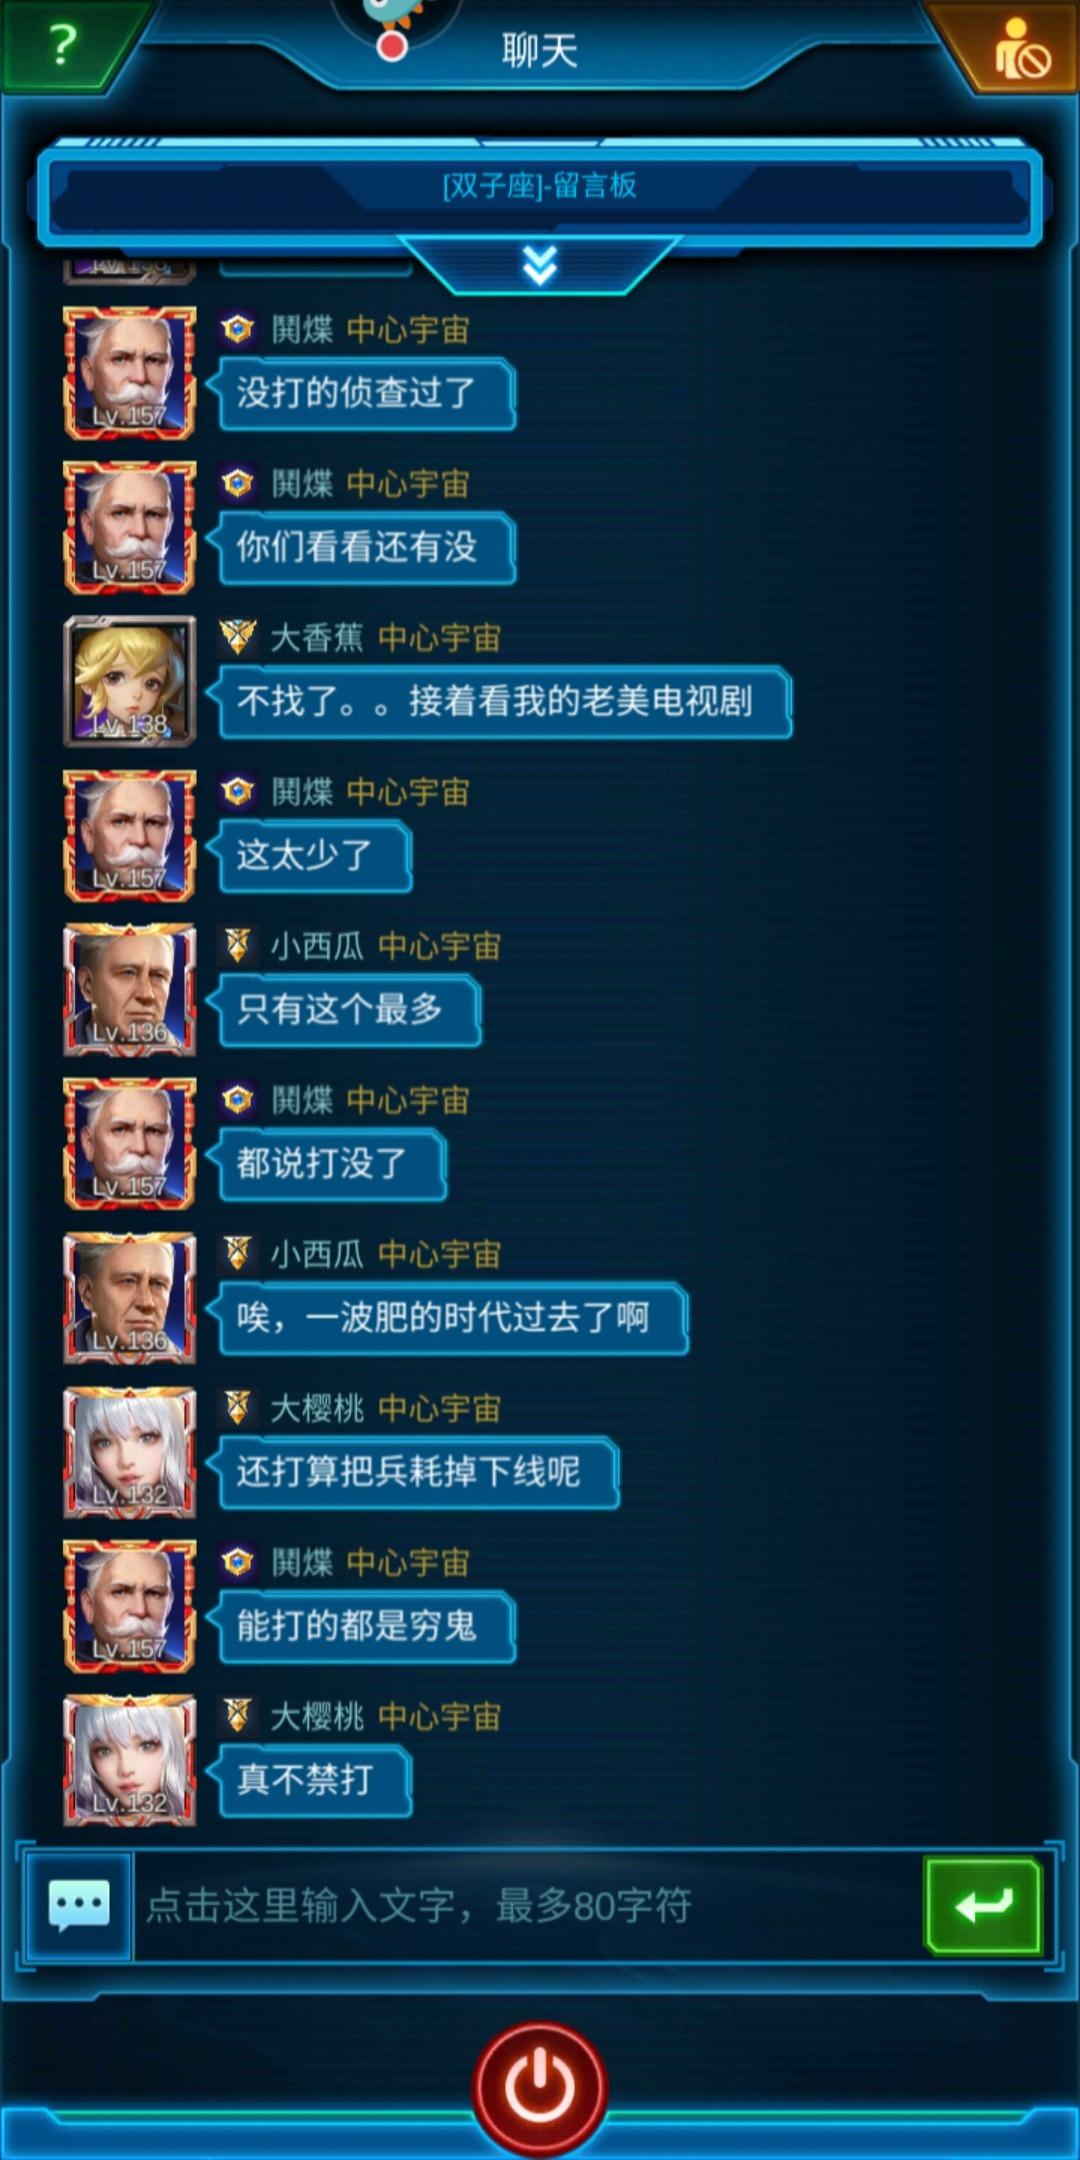 Screenshot_20200525_044503_com.jedigames.p16s.aligames.jpg